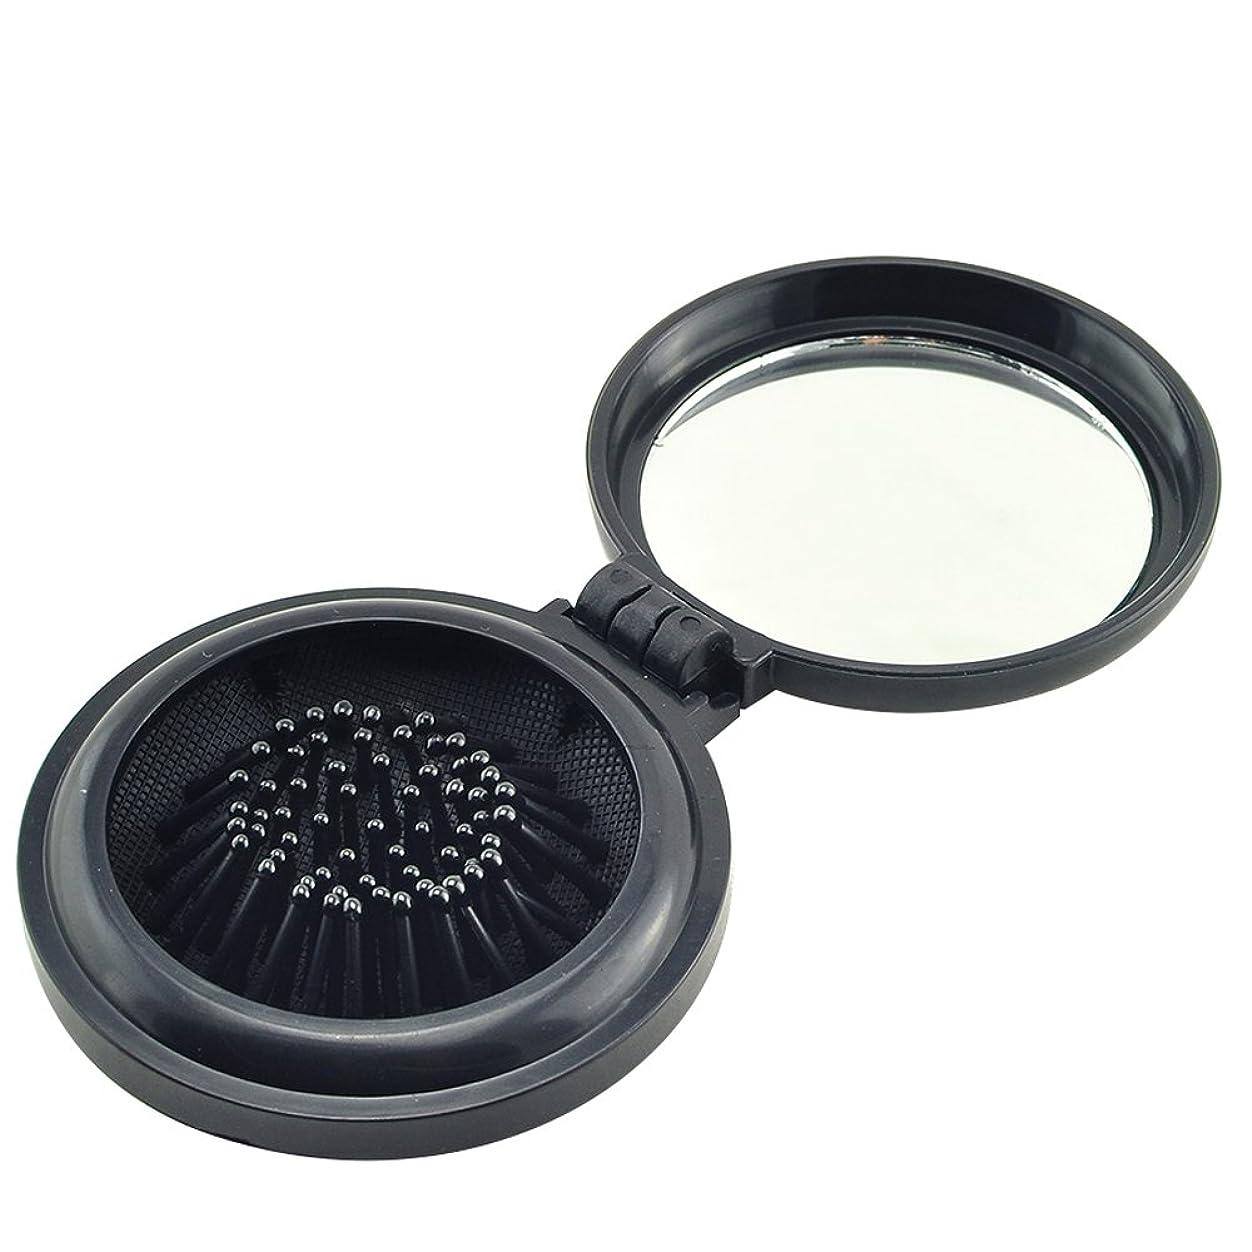 代理人弁護士する必要があるixaer 折りたたみ ヘアブラシ 鏡付き 円形 櫛 コンパクト 携帯便利 通勤 通学 旅行に最適 ブラック